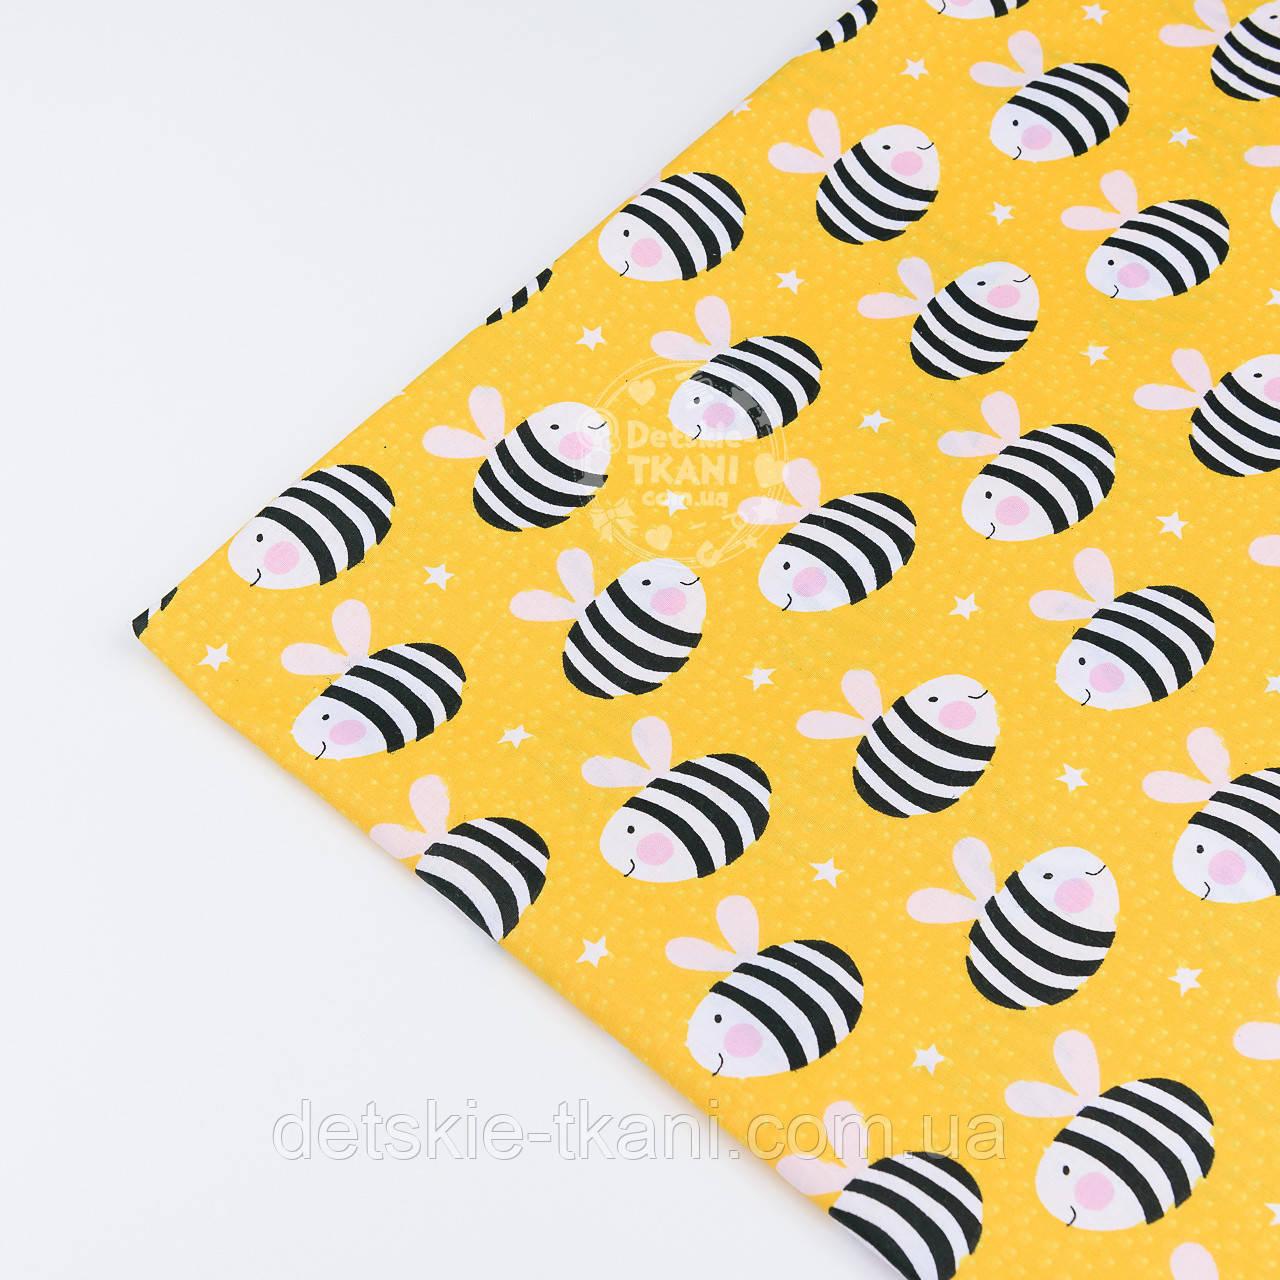 Лоскут ткани №1193а размером 25*78см